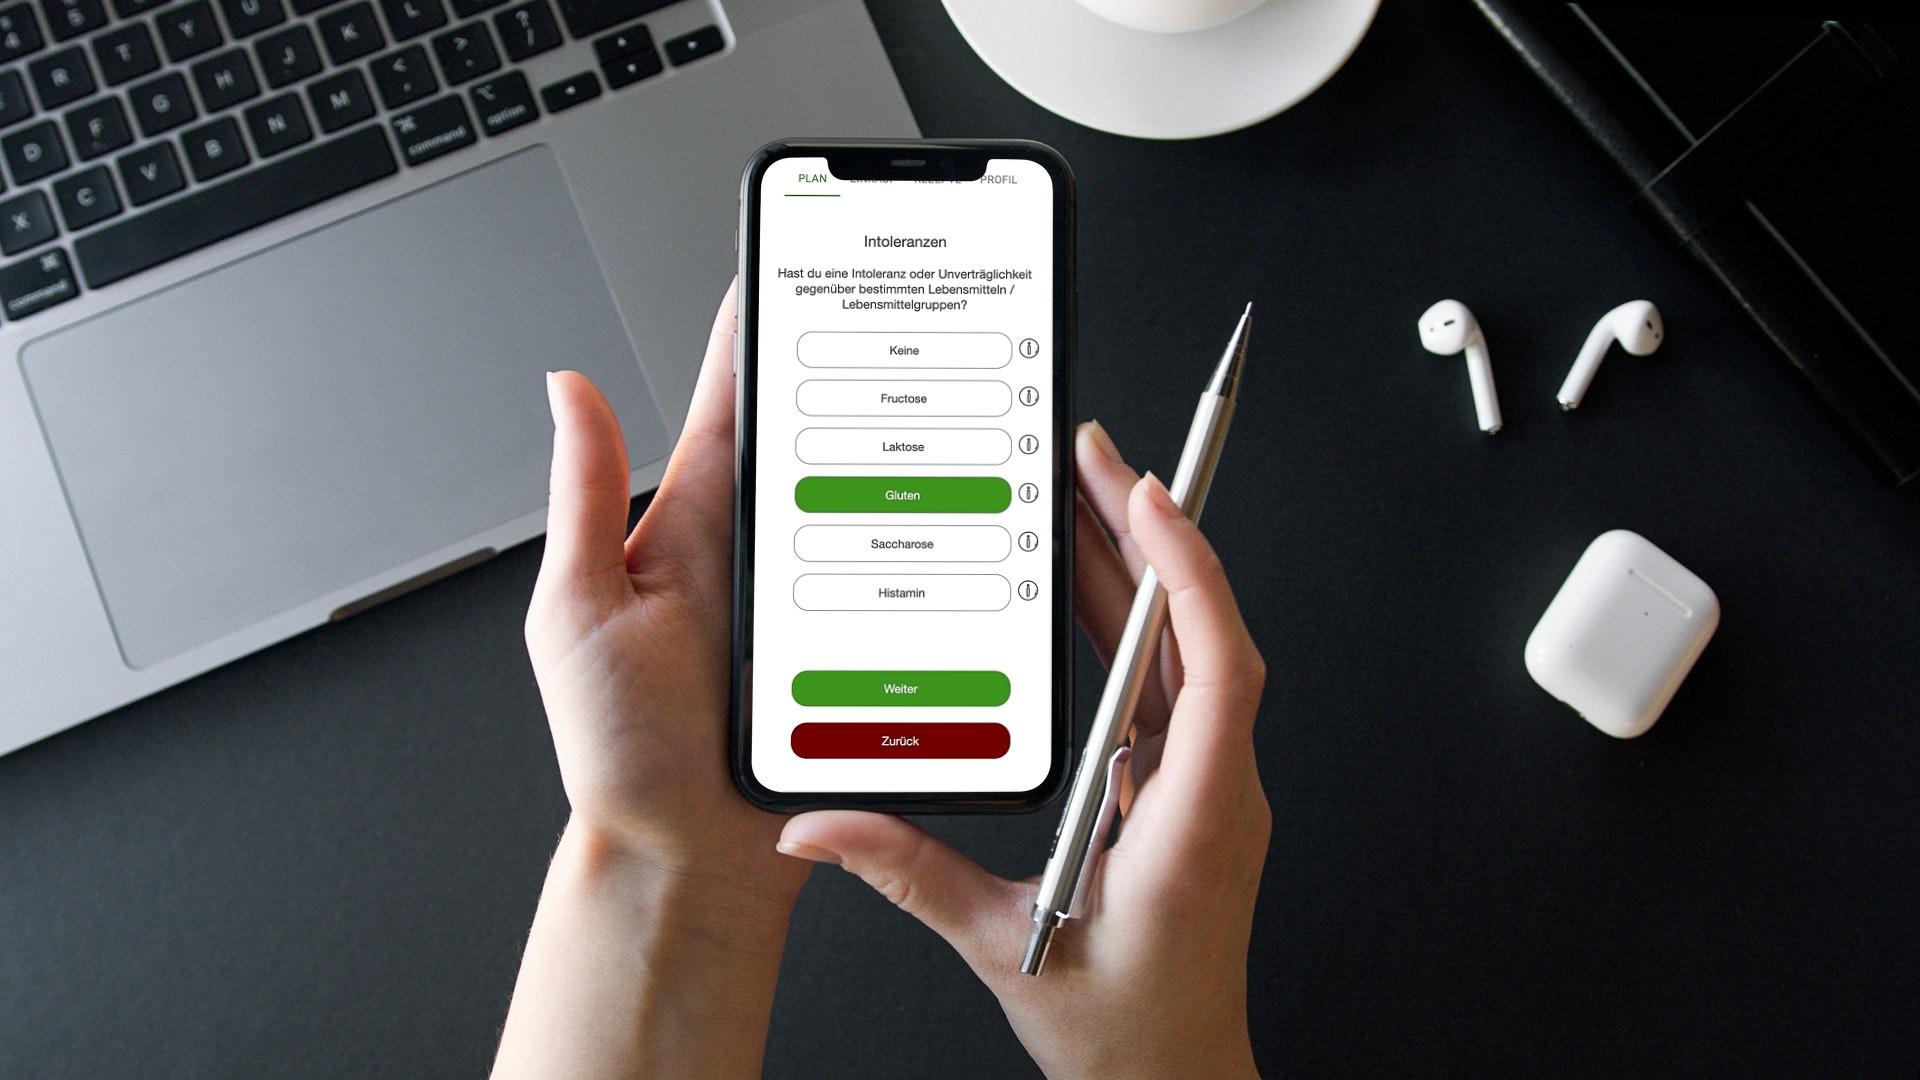 Ernährungsberater Software mit App für Ernährungscoaching - Ernährungspläne, Rezepte, Einkaufslisten - Intoleranzen